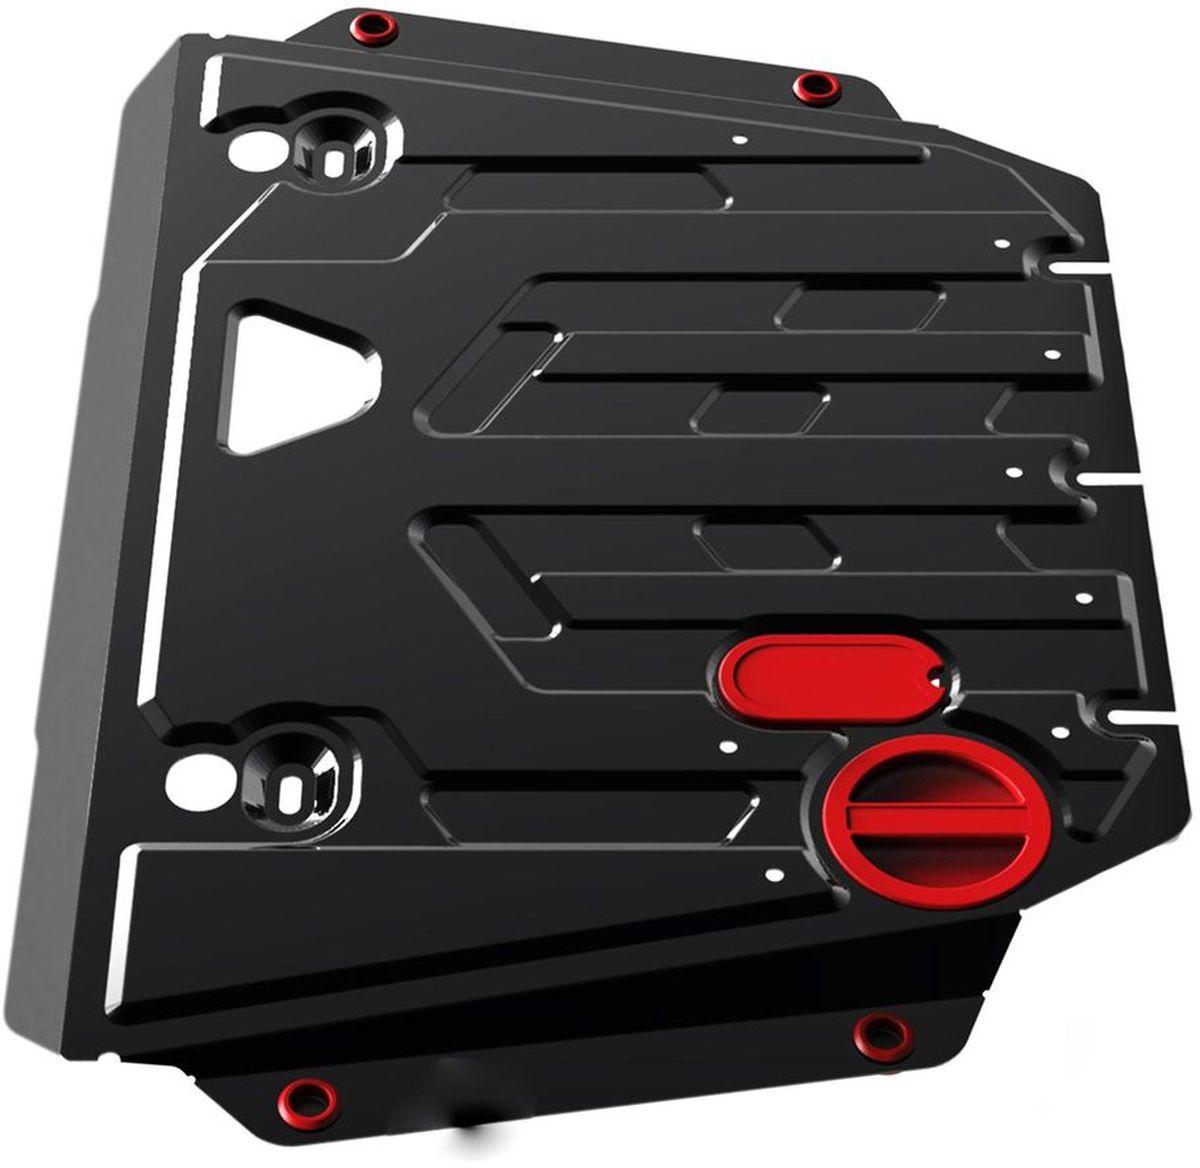 Защита картера и КПП Автоброня, для Chery Bonus 3, V - 1,5 (2014-)111.00913.1Технологически совершенный продукт за невысокую стоимость. Защита разработана с учетом особенностей днища автомобиля, что позволяет сохранить дорожный просвет с минимальным изменением. Защита устанавливается в штатные места кузова автомобиля. Глубокий штамп обеспечивает до двух раз больше жесткости в сравнении с обычной защитой той же толщины. Проштампованные ребра жесткости препятствуют деформации защиты при ударах. Тепловой зазор и вентиляционные отверстия обеспечивают сохранение температурного режима двигателя в норме. Скрытый крепеж предотвращает срыв крепежных элементов при наезде на препятствие. Шумопоглощающие резиновые элементы обеспечивают комфортную езду без вибраций и скрежета металла, а съемные лючки для слива масла и замены фильтра - экономию средств и время. Конструкция изделия не влияет на пассивную безопасность автомобиля (при ударе защита не воздействует на деформационные зоны кузова). Со штатным крепежом. В комплекте инструкция по установке....